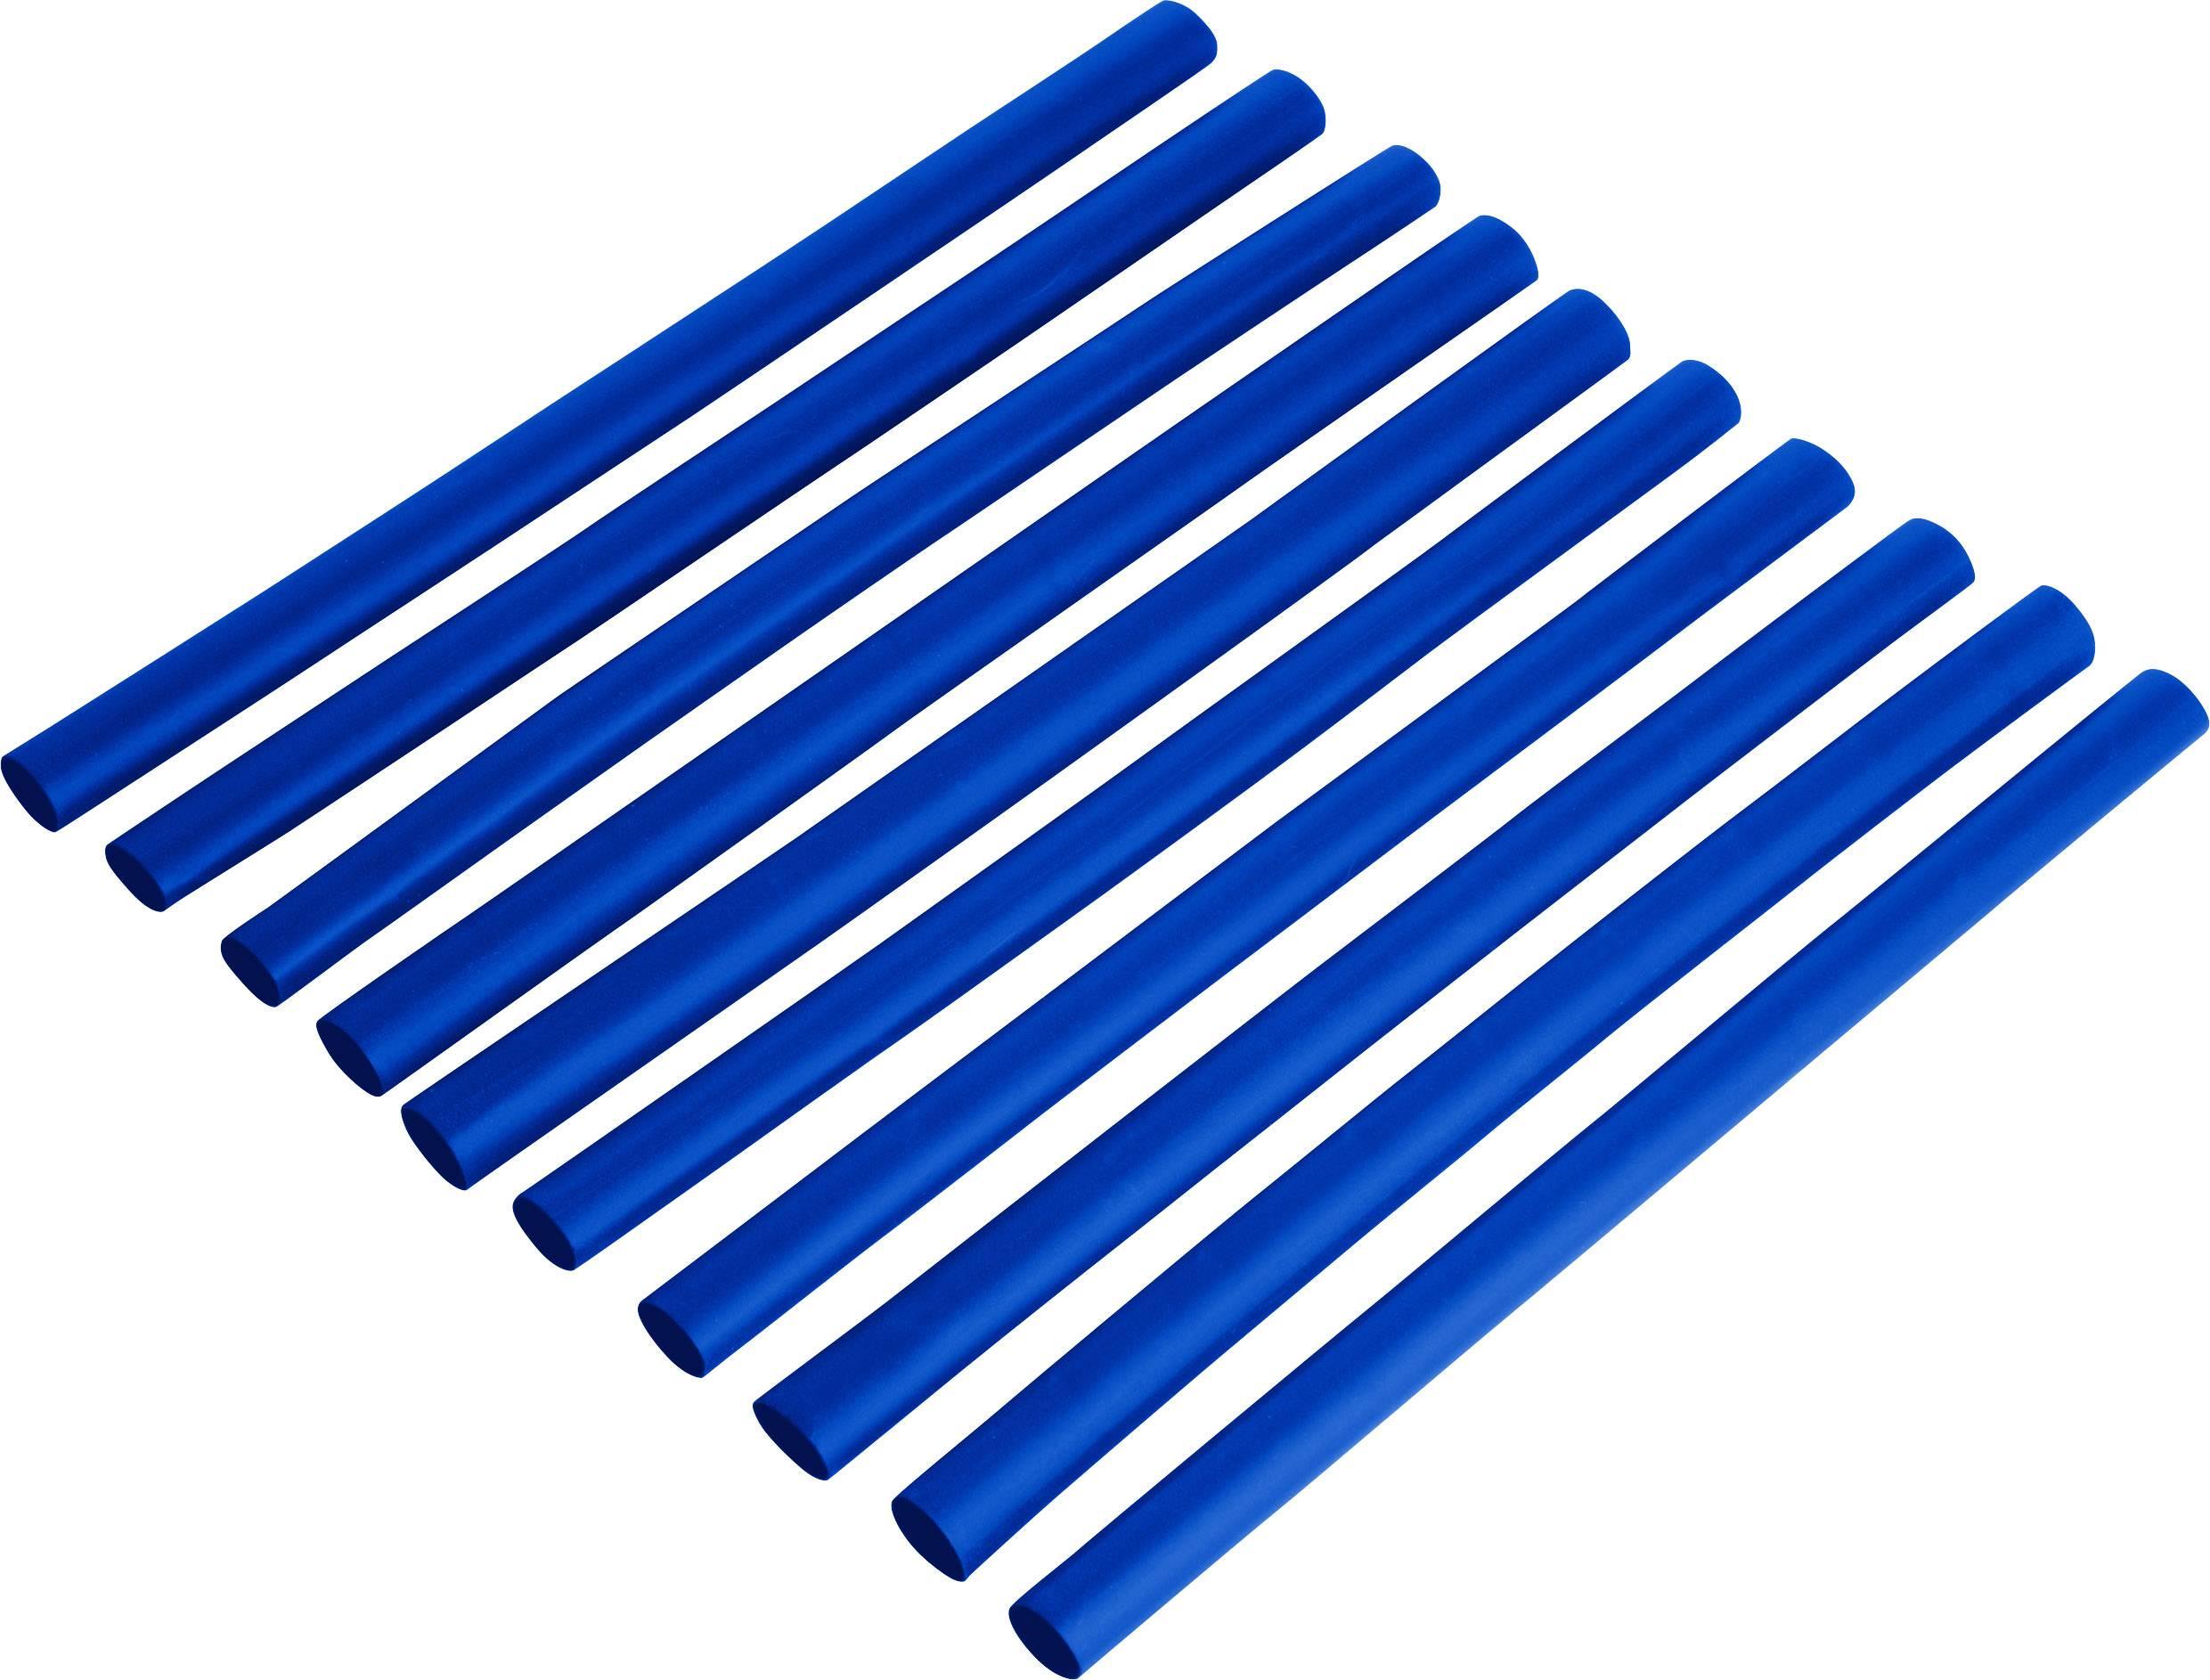 Smršťovací bužírka 1,6/0,8 mm, modrá